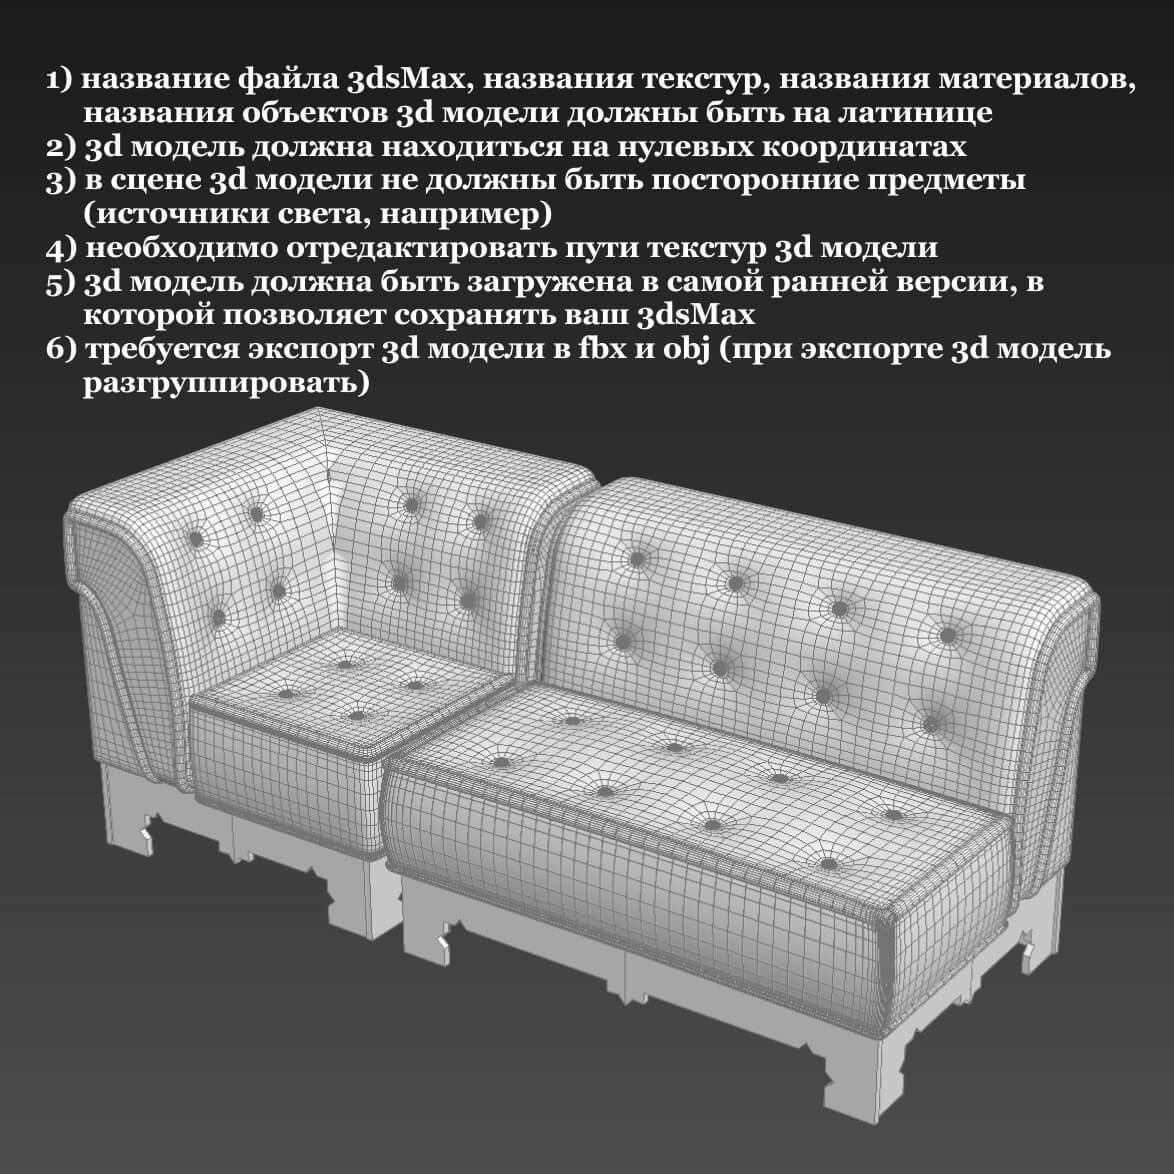 правила загрузки 3d моделей